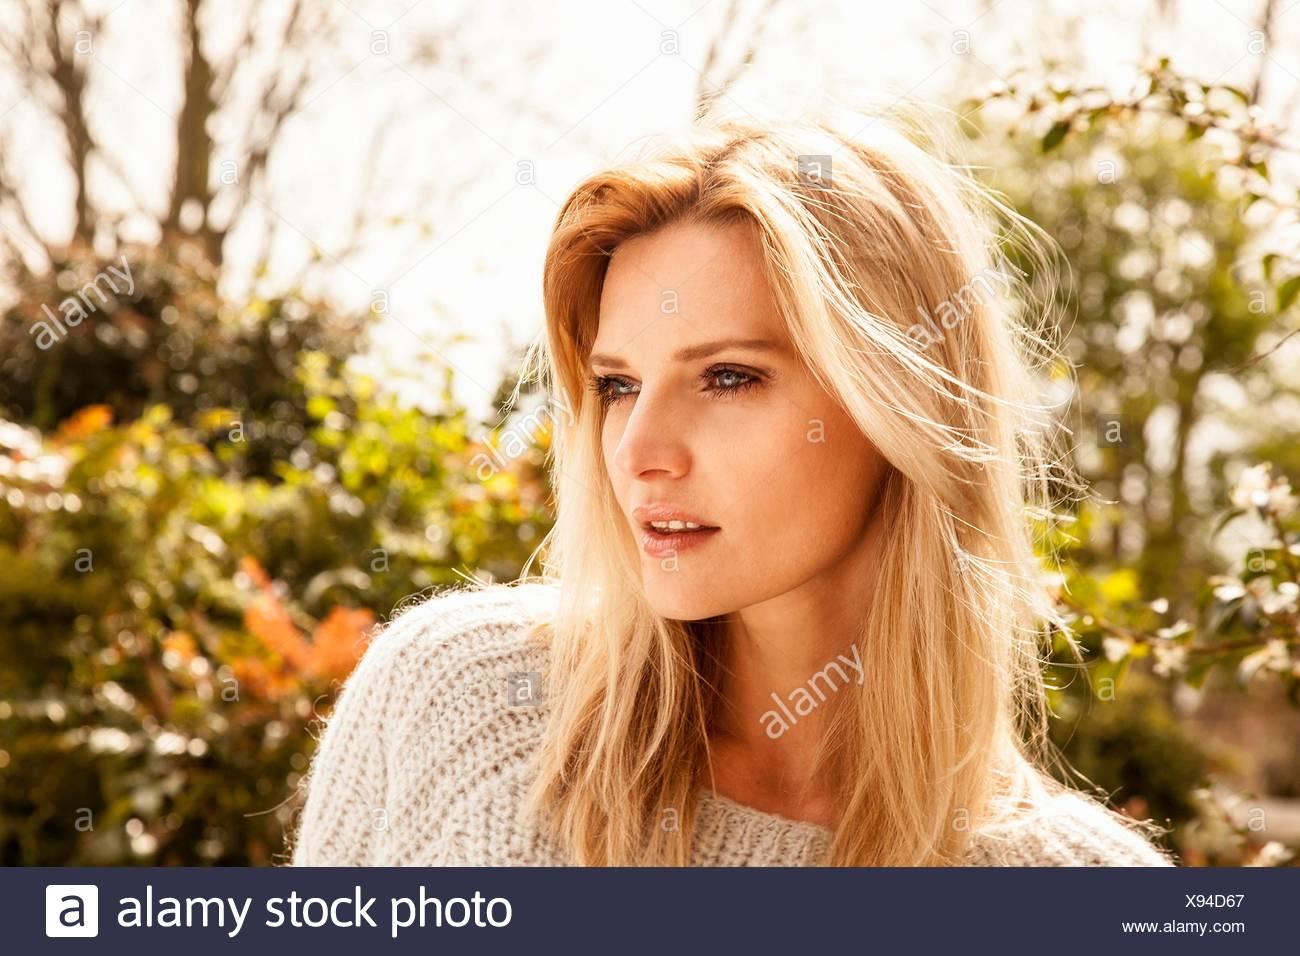 A mediados hermosa mujer adulta con largo pelo rubio en el jardín Imagen De Stock